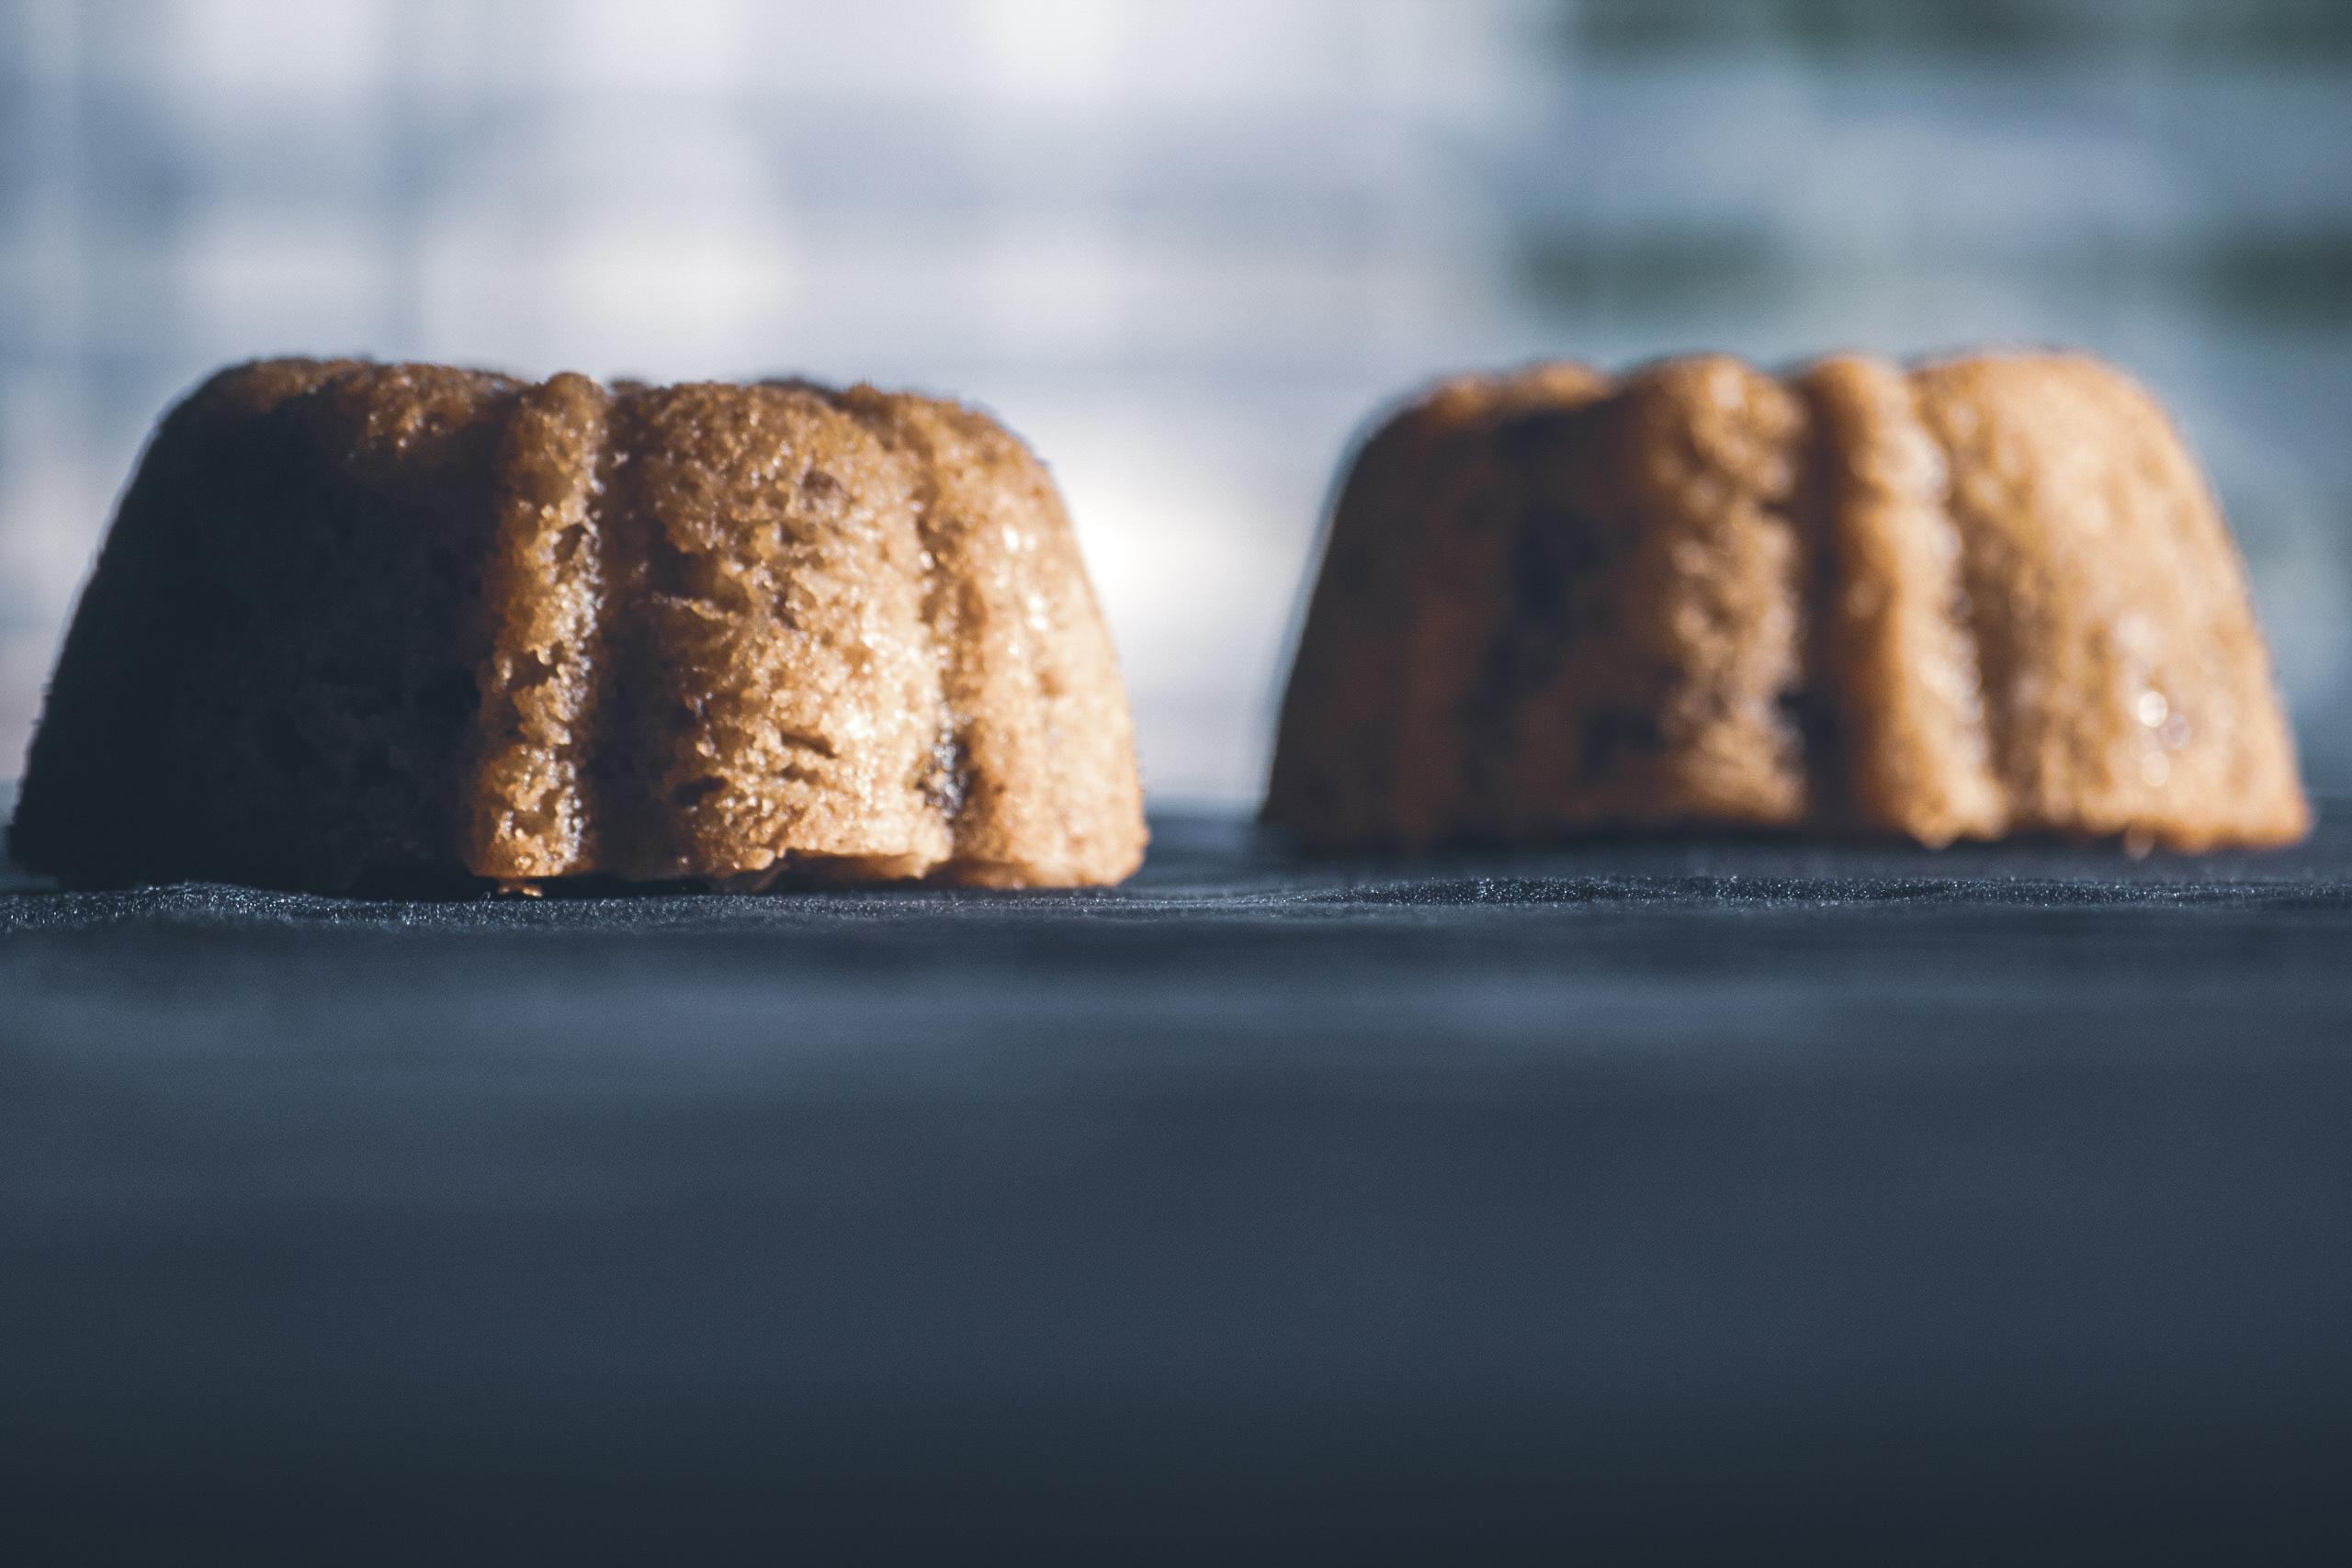 Christopher's Bakery | Dessert | Baked Good | Cake | Mini-Bundt | Gluten-Free Vanilla Wafer